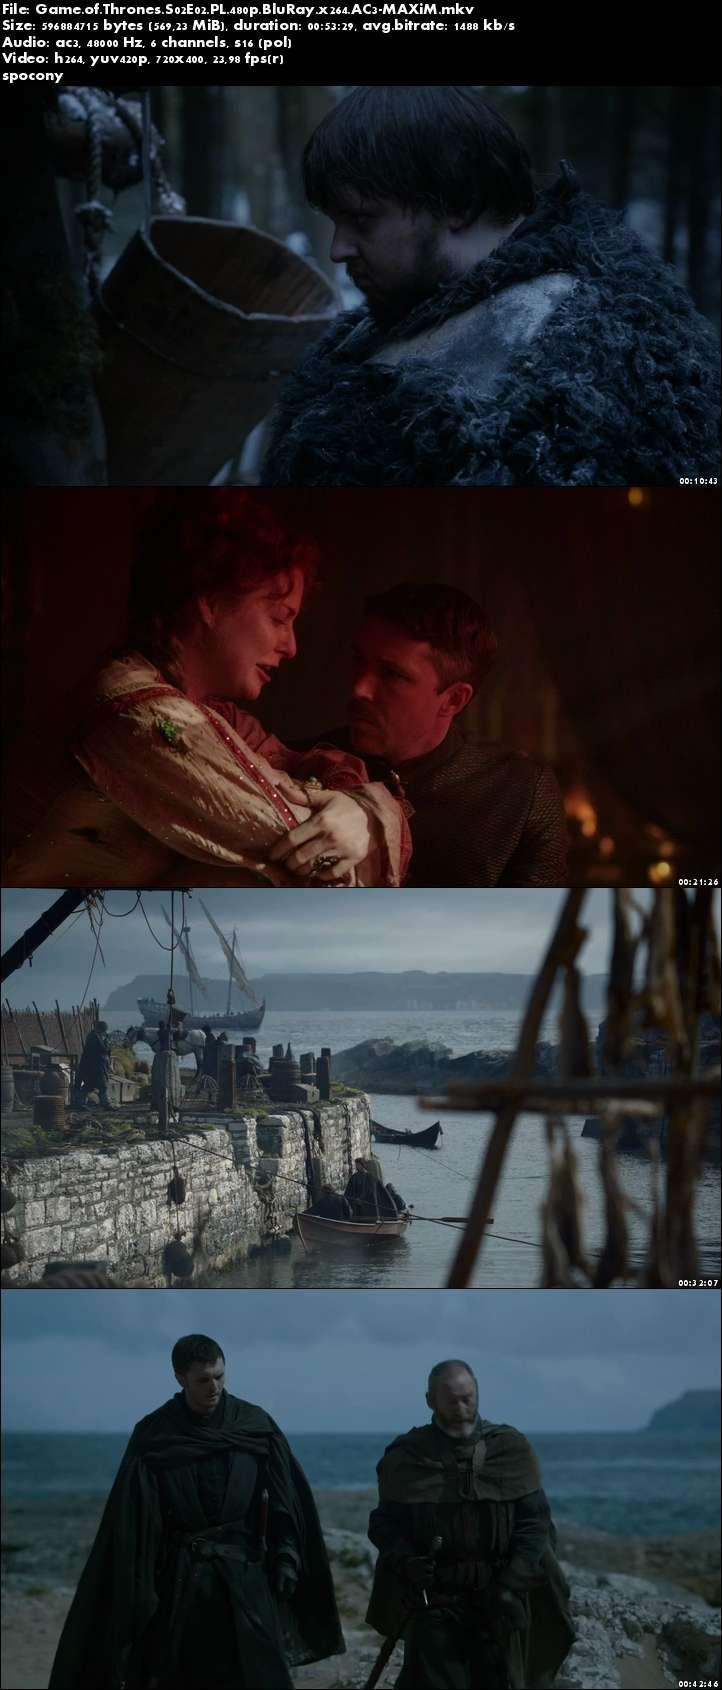 Gra o tron / Game of Thrones (2012) {Sezon 2} (Pełen sezon) PL.480p.BluRay.x264.AC3-MAXiM [Lektor PL]